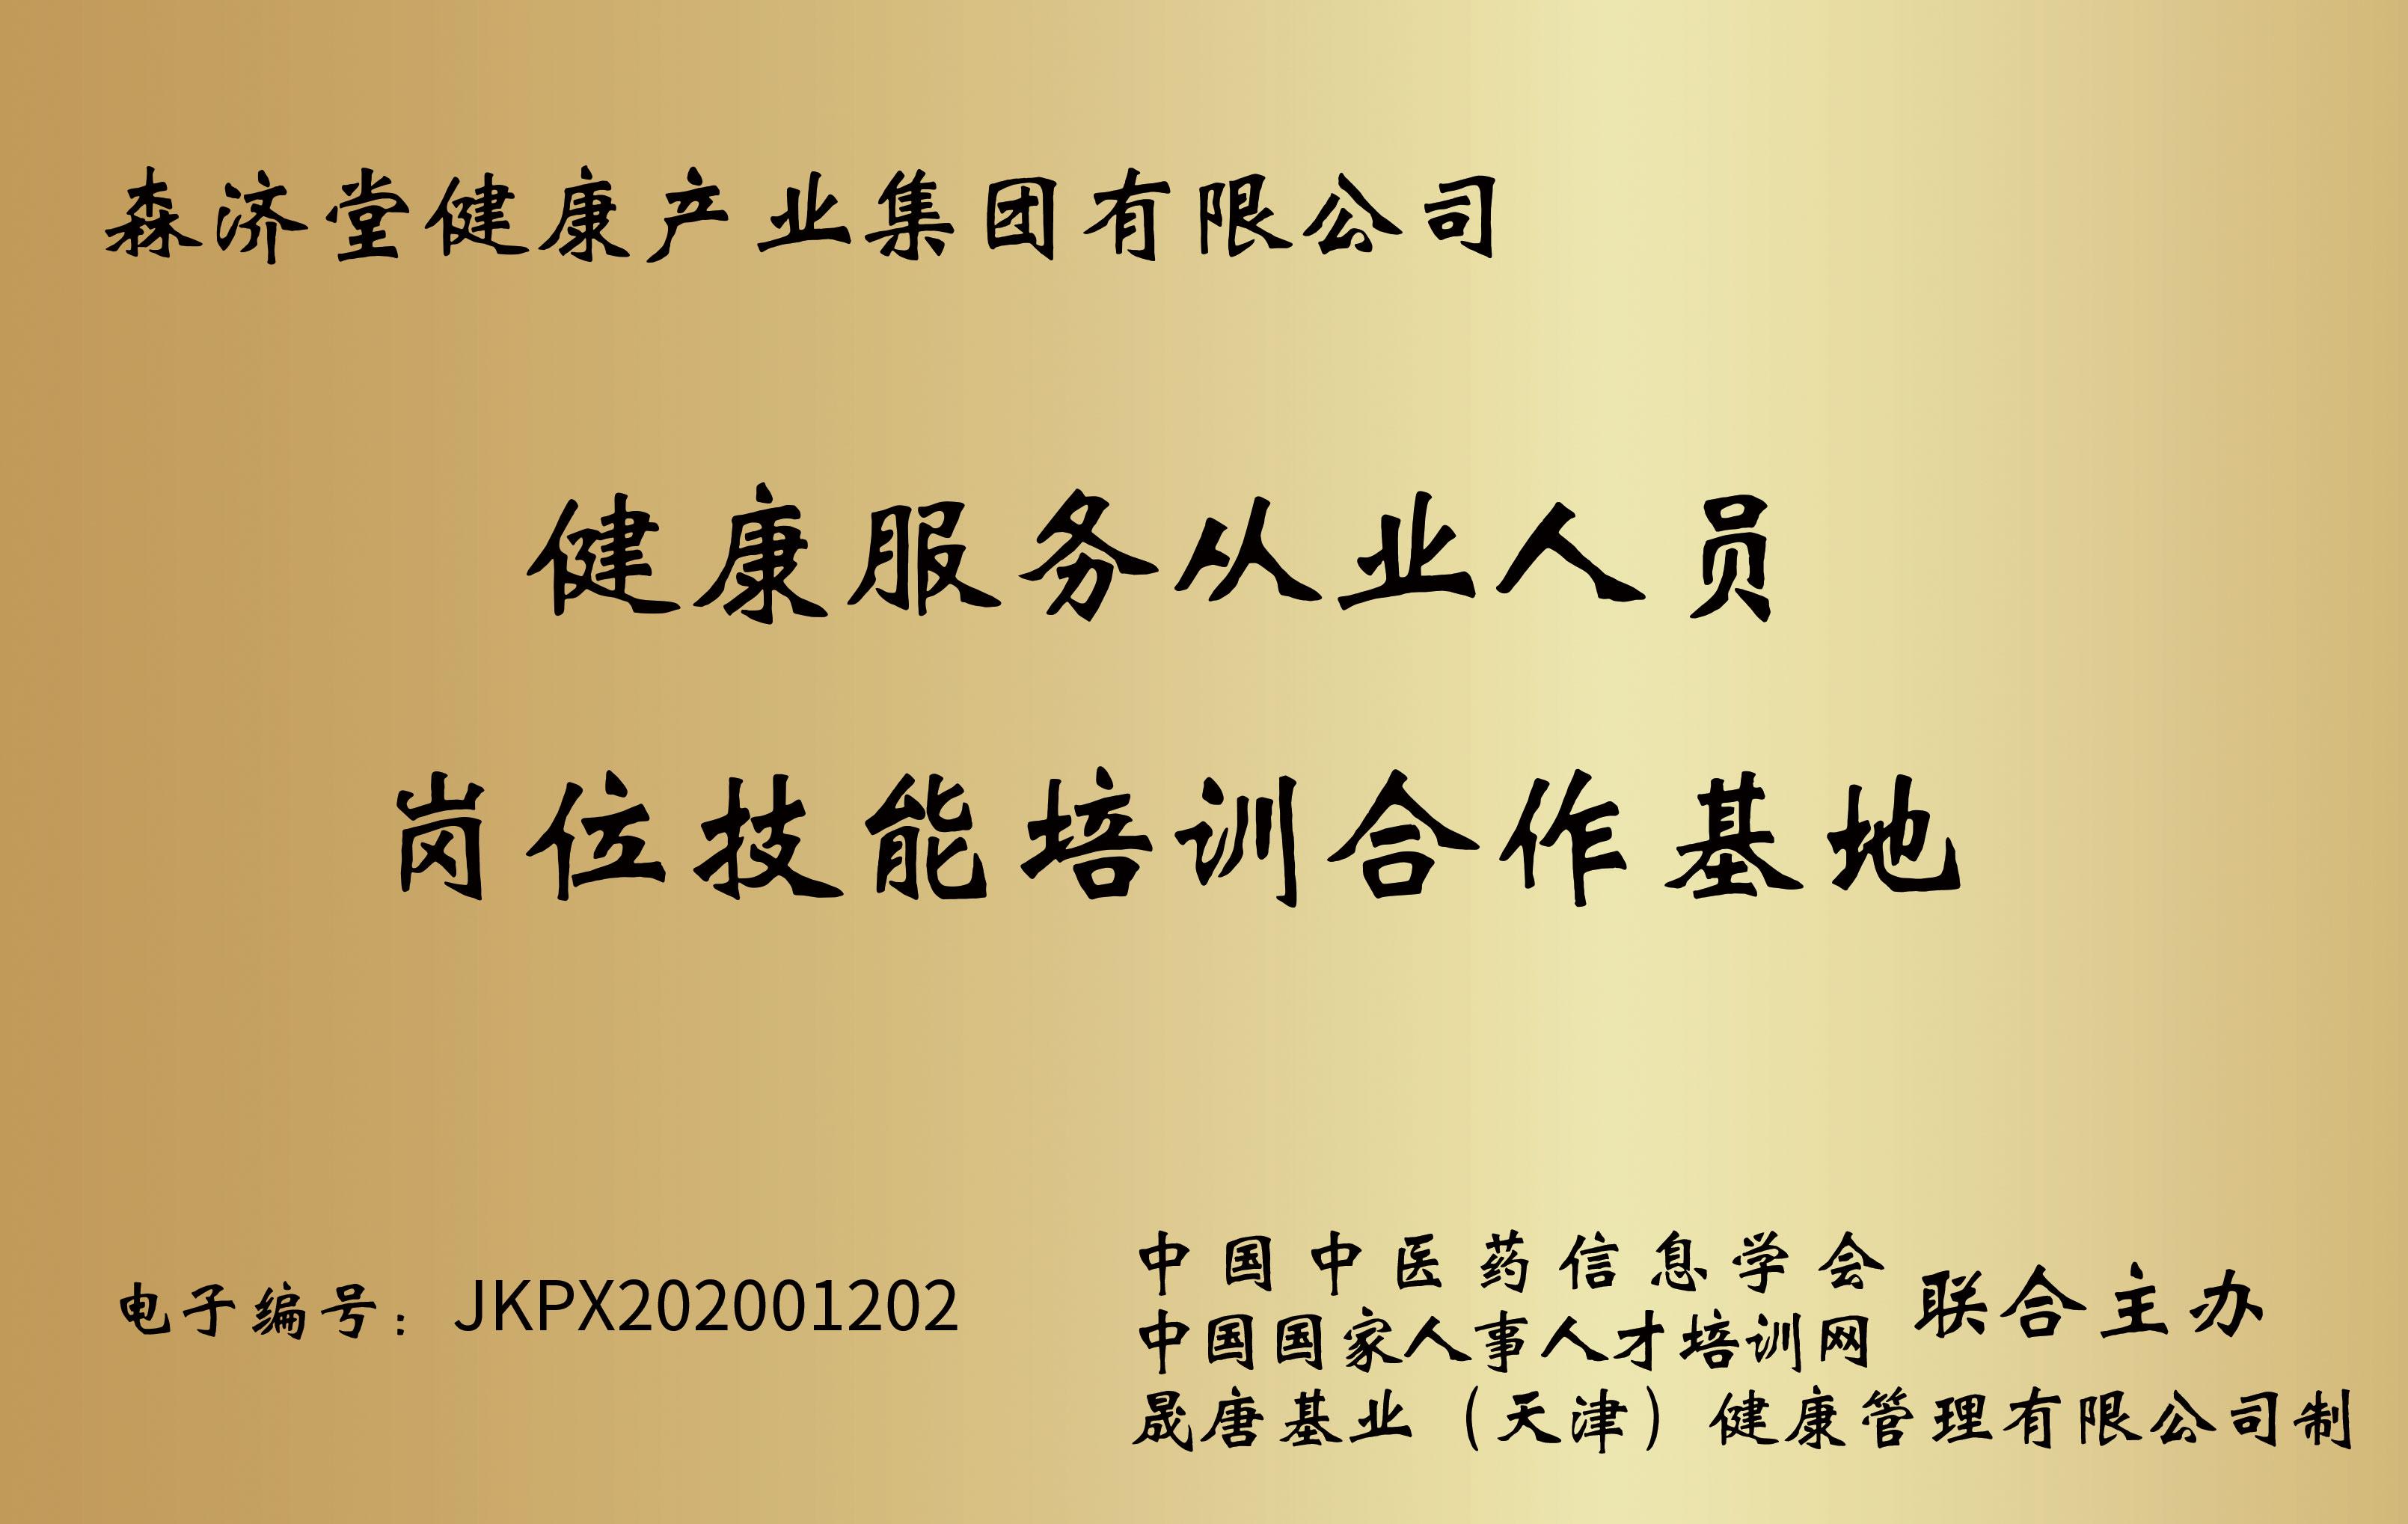 微信图片_202012251514122.jpg